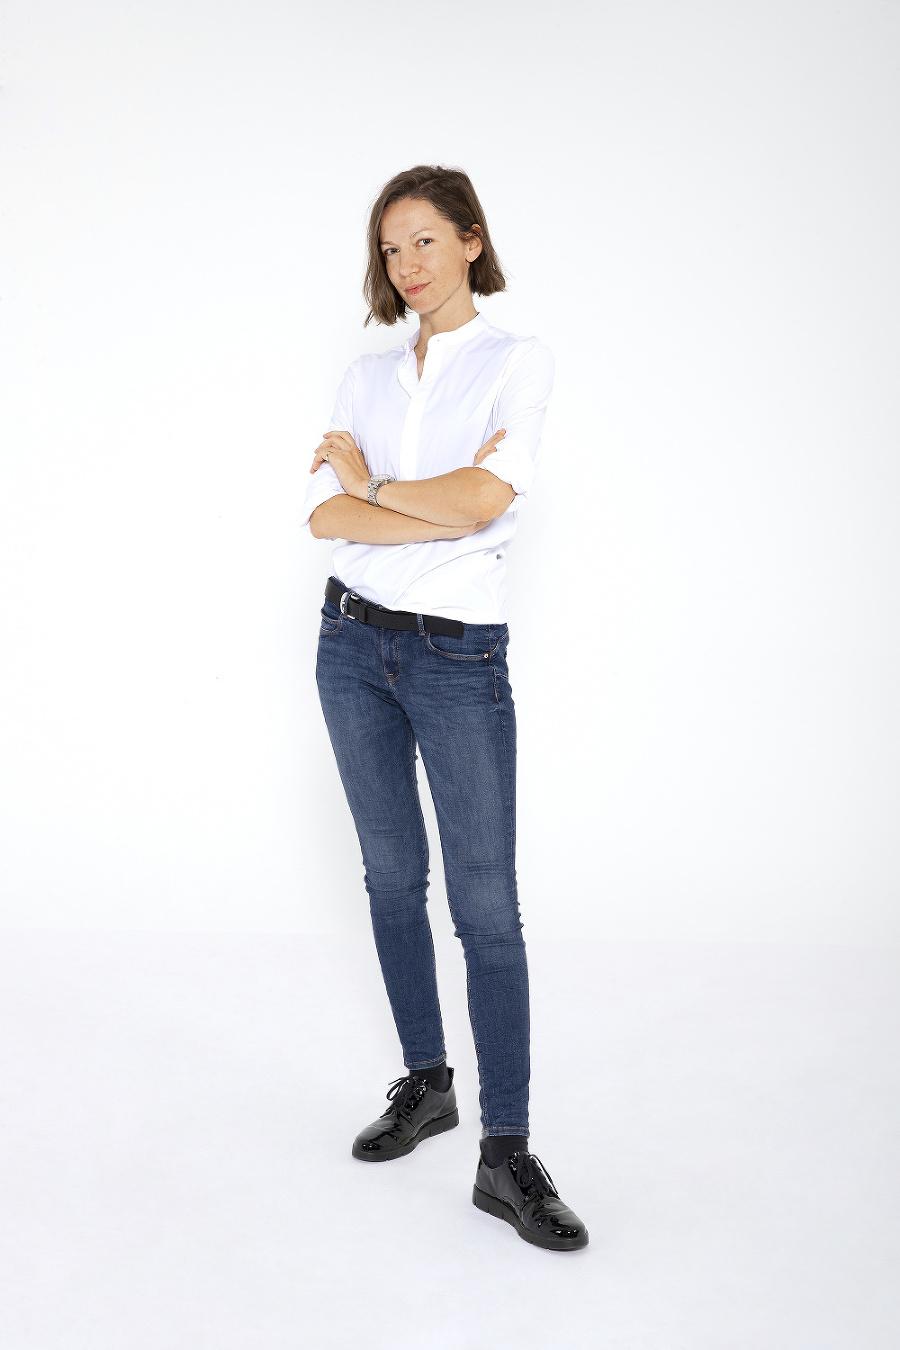 Speváčka Zuzana Smatanová bez mejkapu.